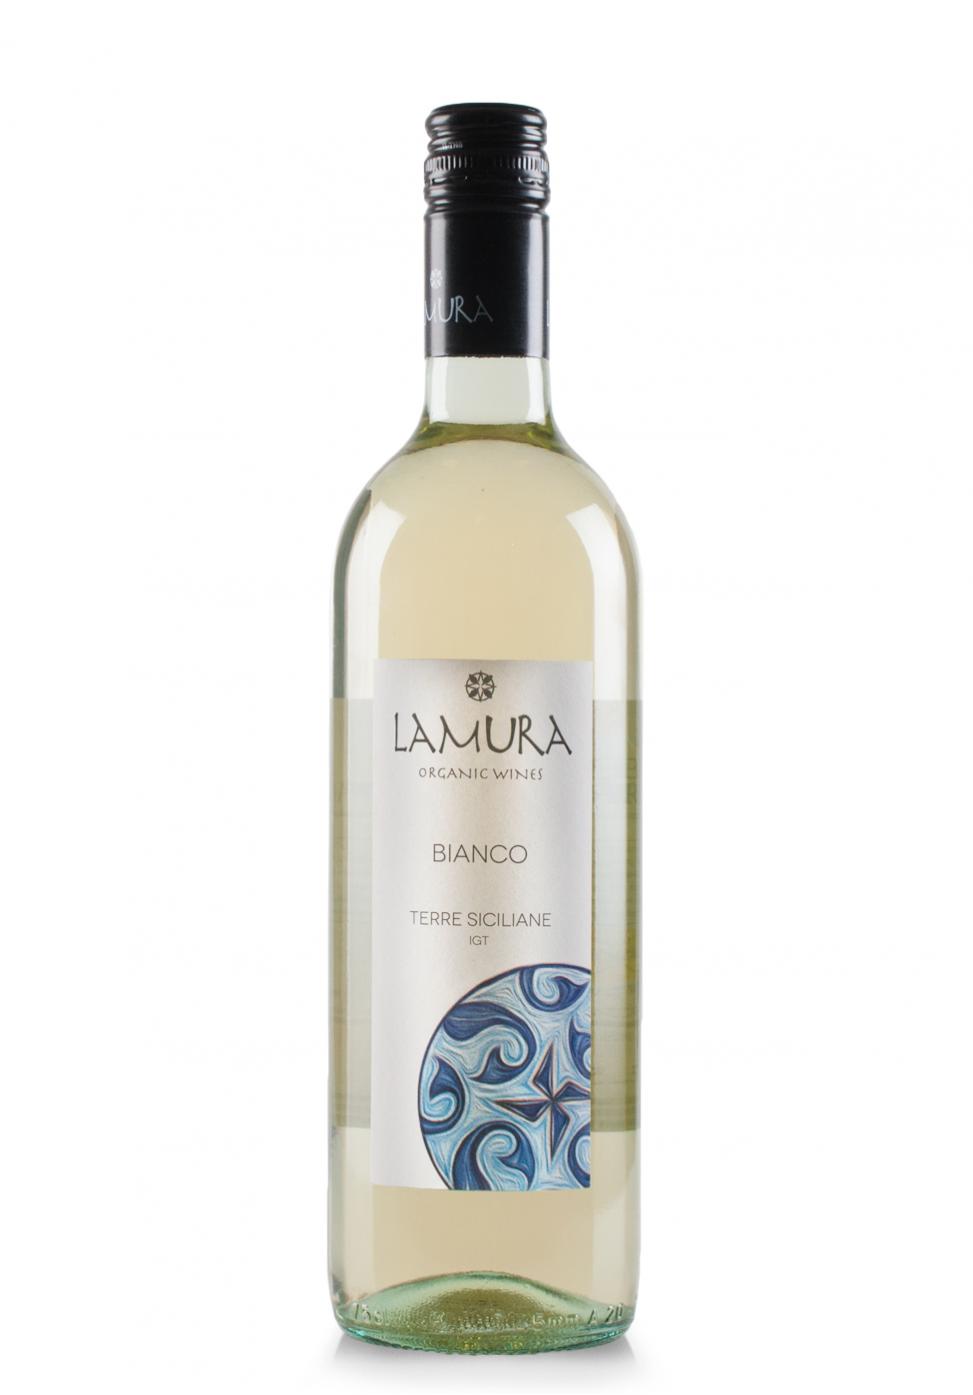 Vin La Mura, IGT Bianco Terre Siciliane, 2018 (0.75L)